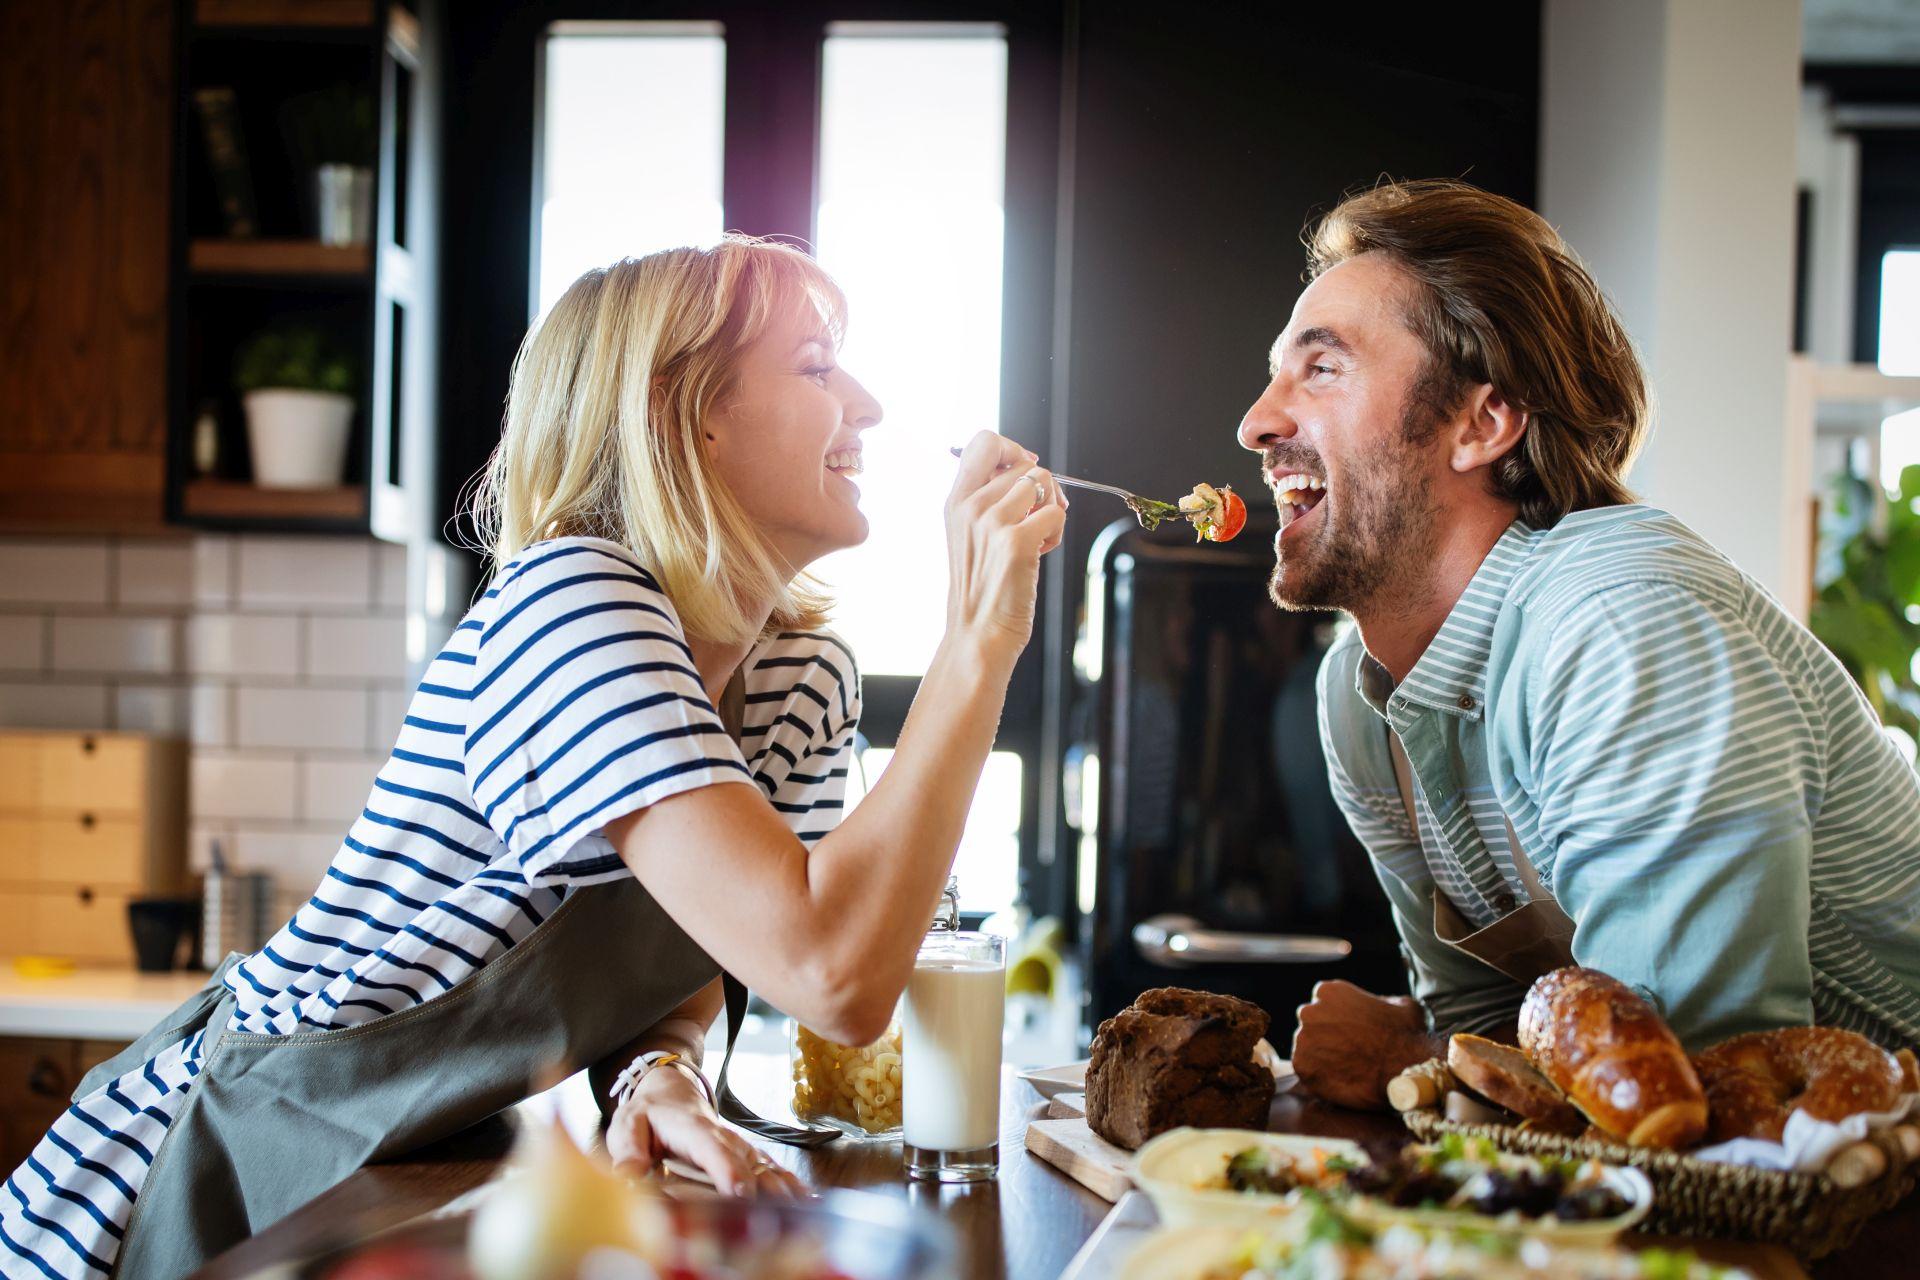 Obniżanie cholesterolu naturalnymi metodami jest możliwe - dieta antycholesterolowa oparta na sterolach roślinnych, zbilansowanych składnikach oraz zdrowy styl życia mogą być kluczem do niwelowania problemu wysokiego cholesterolu.